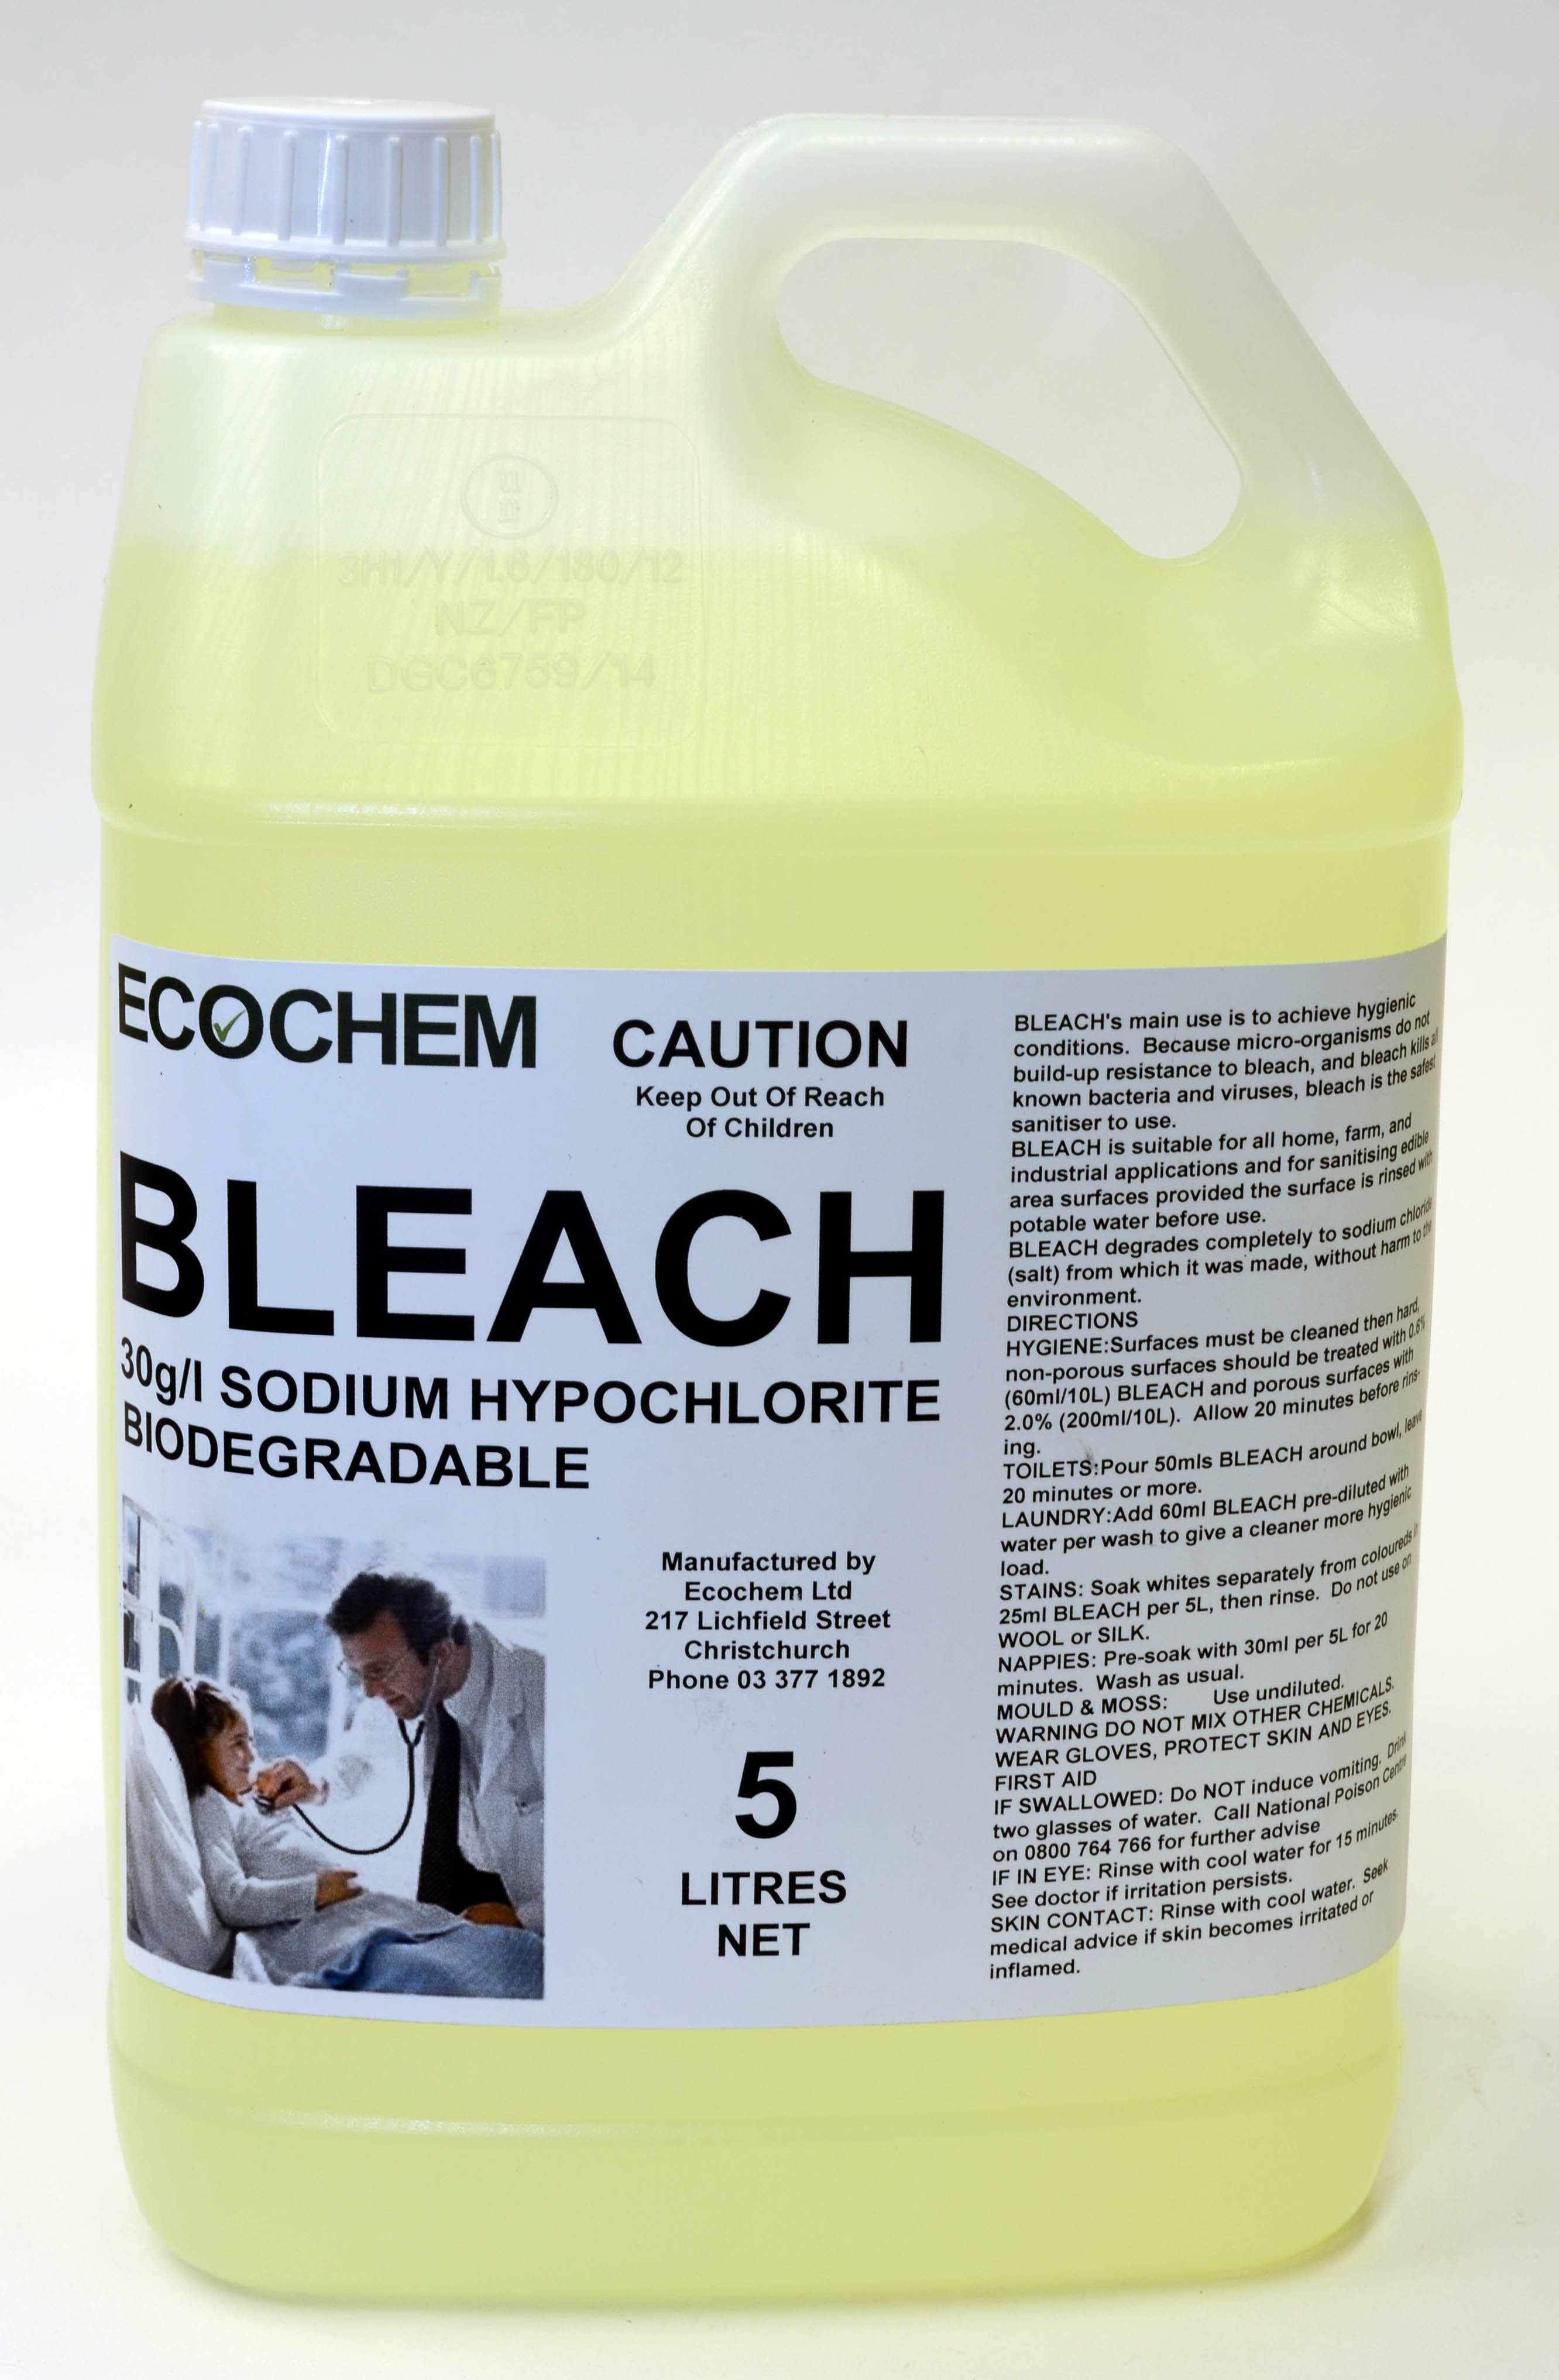 Bleach 30g L Sodium Hypochlorite Ecochem Limited